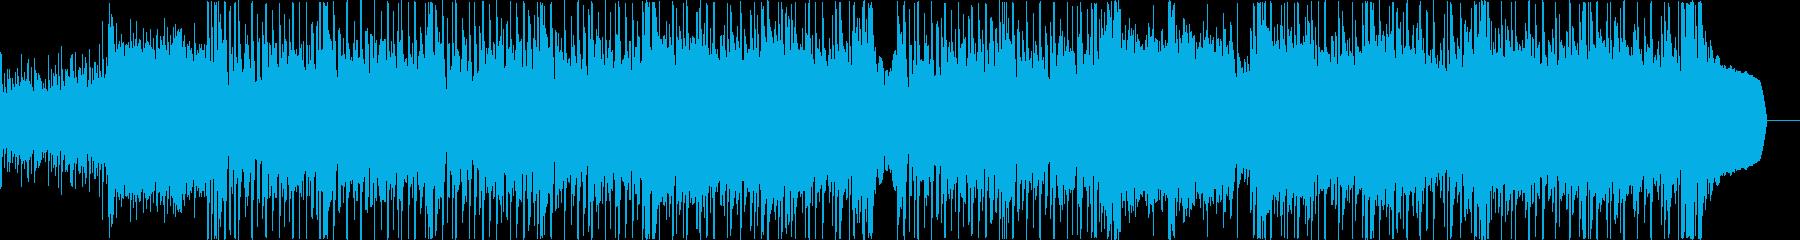 音響的なアップテンポとポジティブな...の再生済みの波形